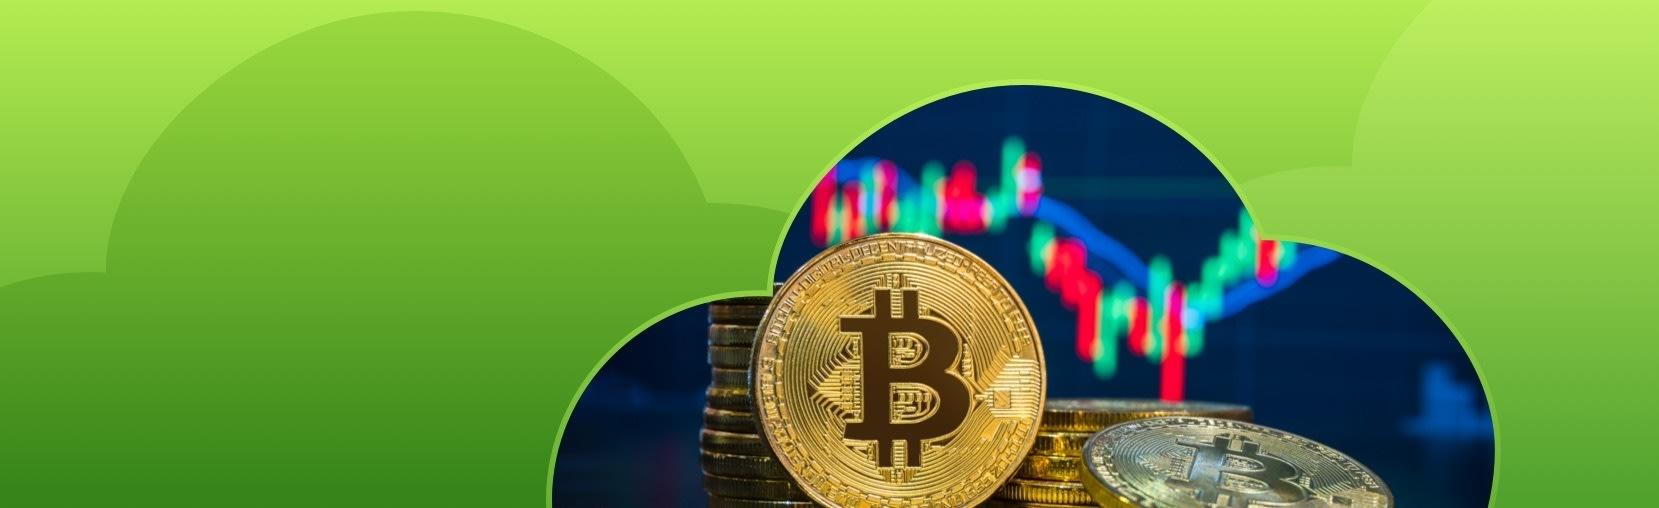 Как делать ставки в биткоинах: советы от профессионалов